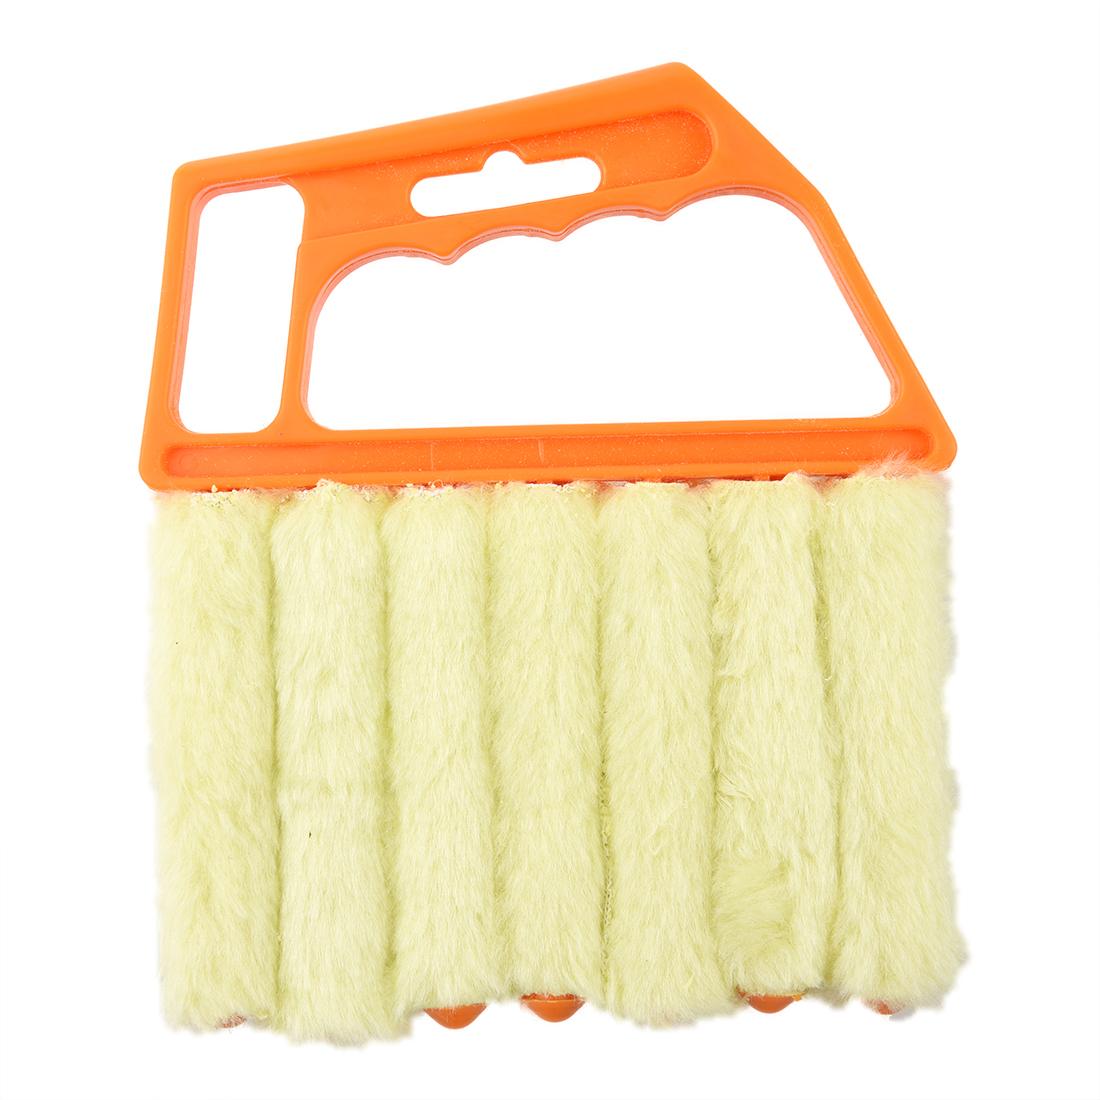 achetez en gros orange nettoyant pour les mains en ligne des grossistes orange nettoyant pour. Black Bedroom Furniture Sets. Home Design Ideas